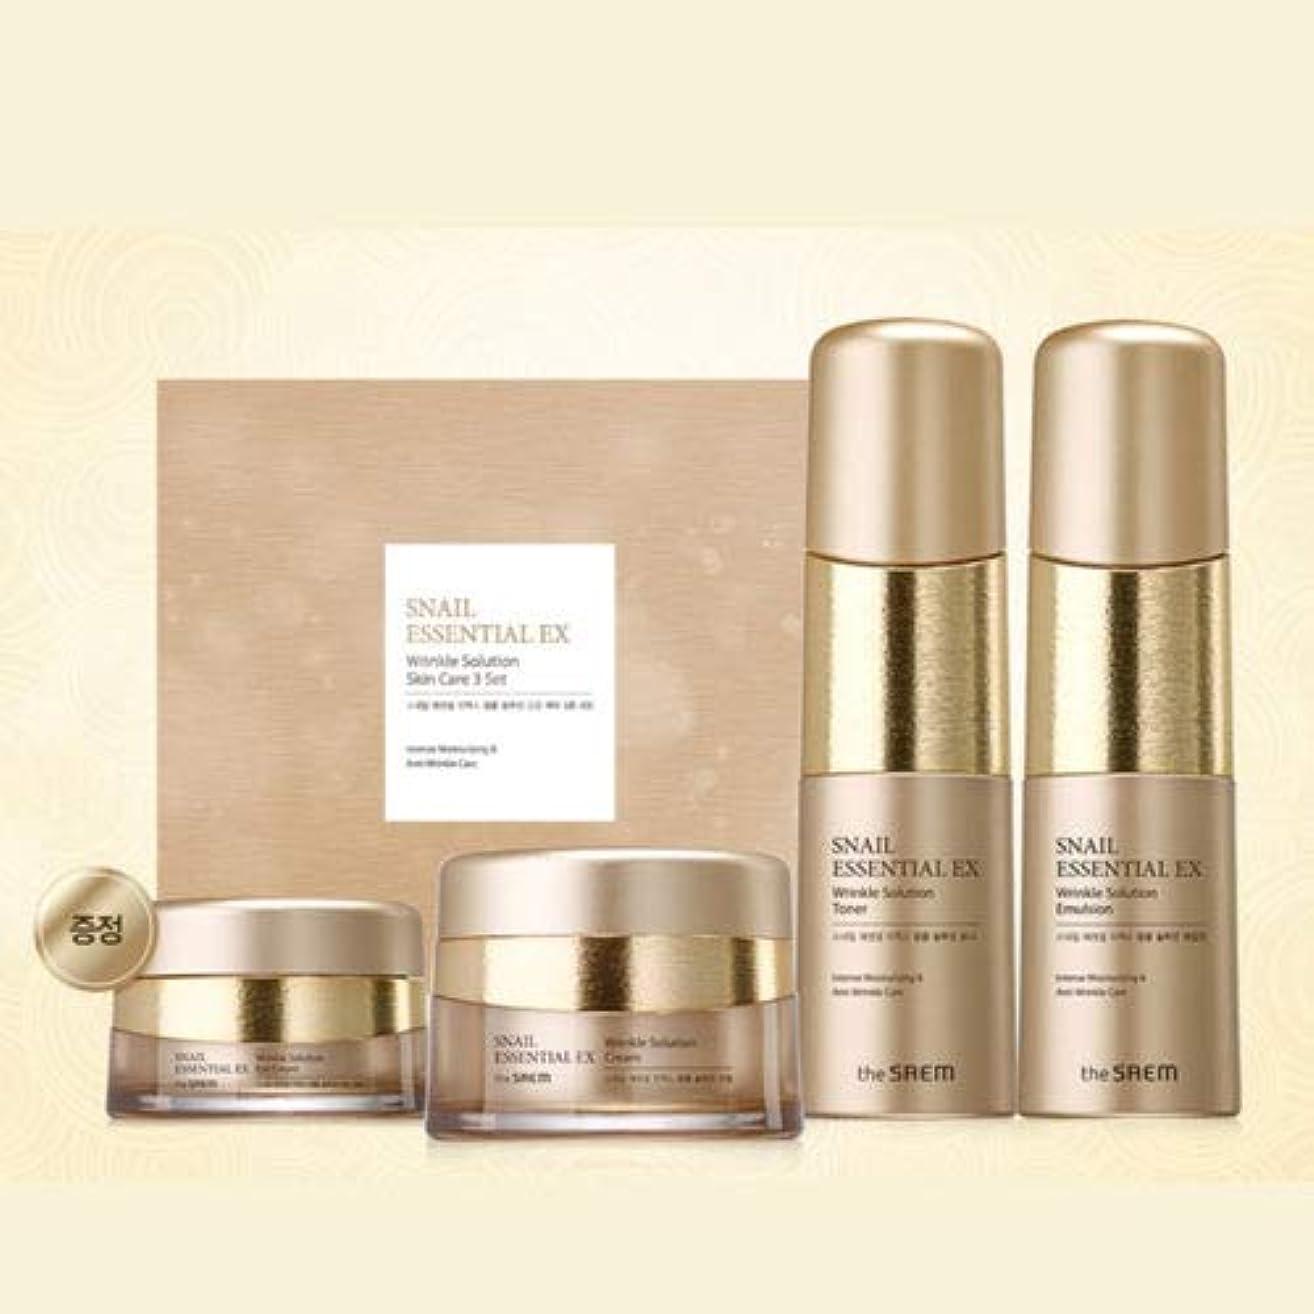 ギャングバズ失礼[ザセム] The Saem [スネイル エッセンシャル EXリンクルソリューション スキンケア 3種セット] (Snail Essential EX-Wrinkle Solution Skin Care 3Set) [並行輸入品]